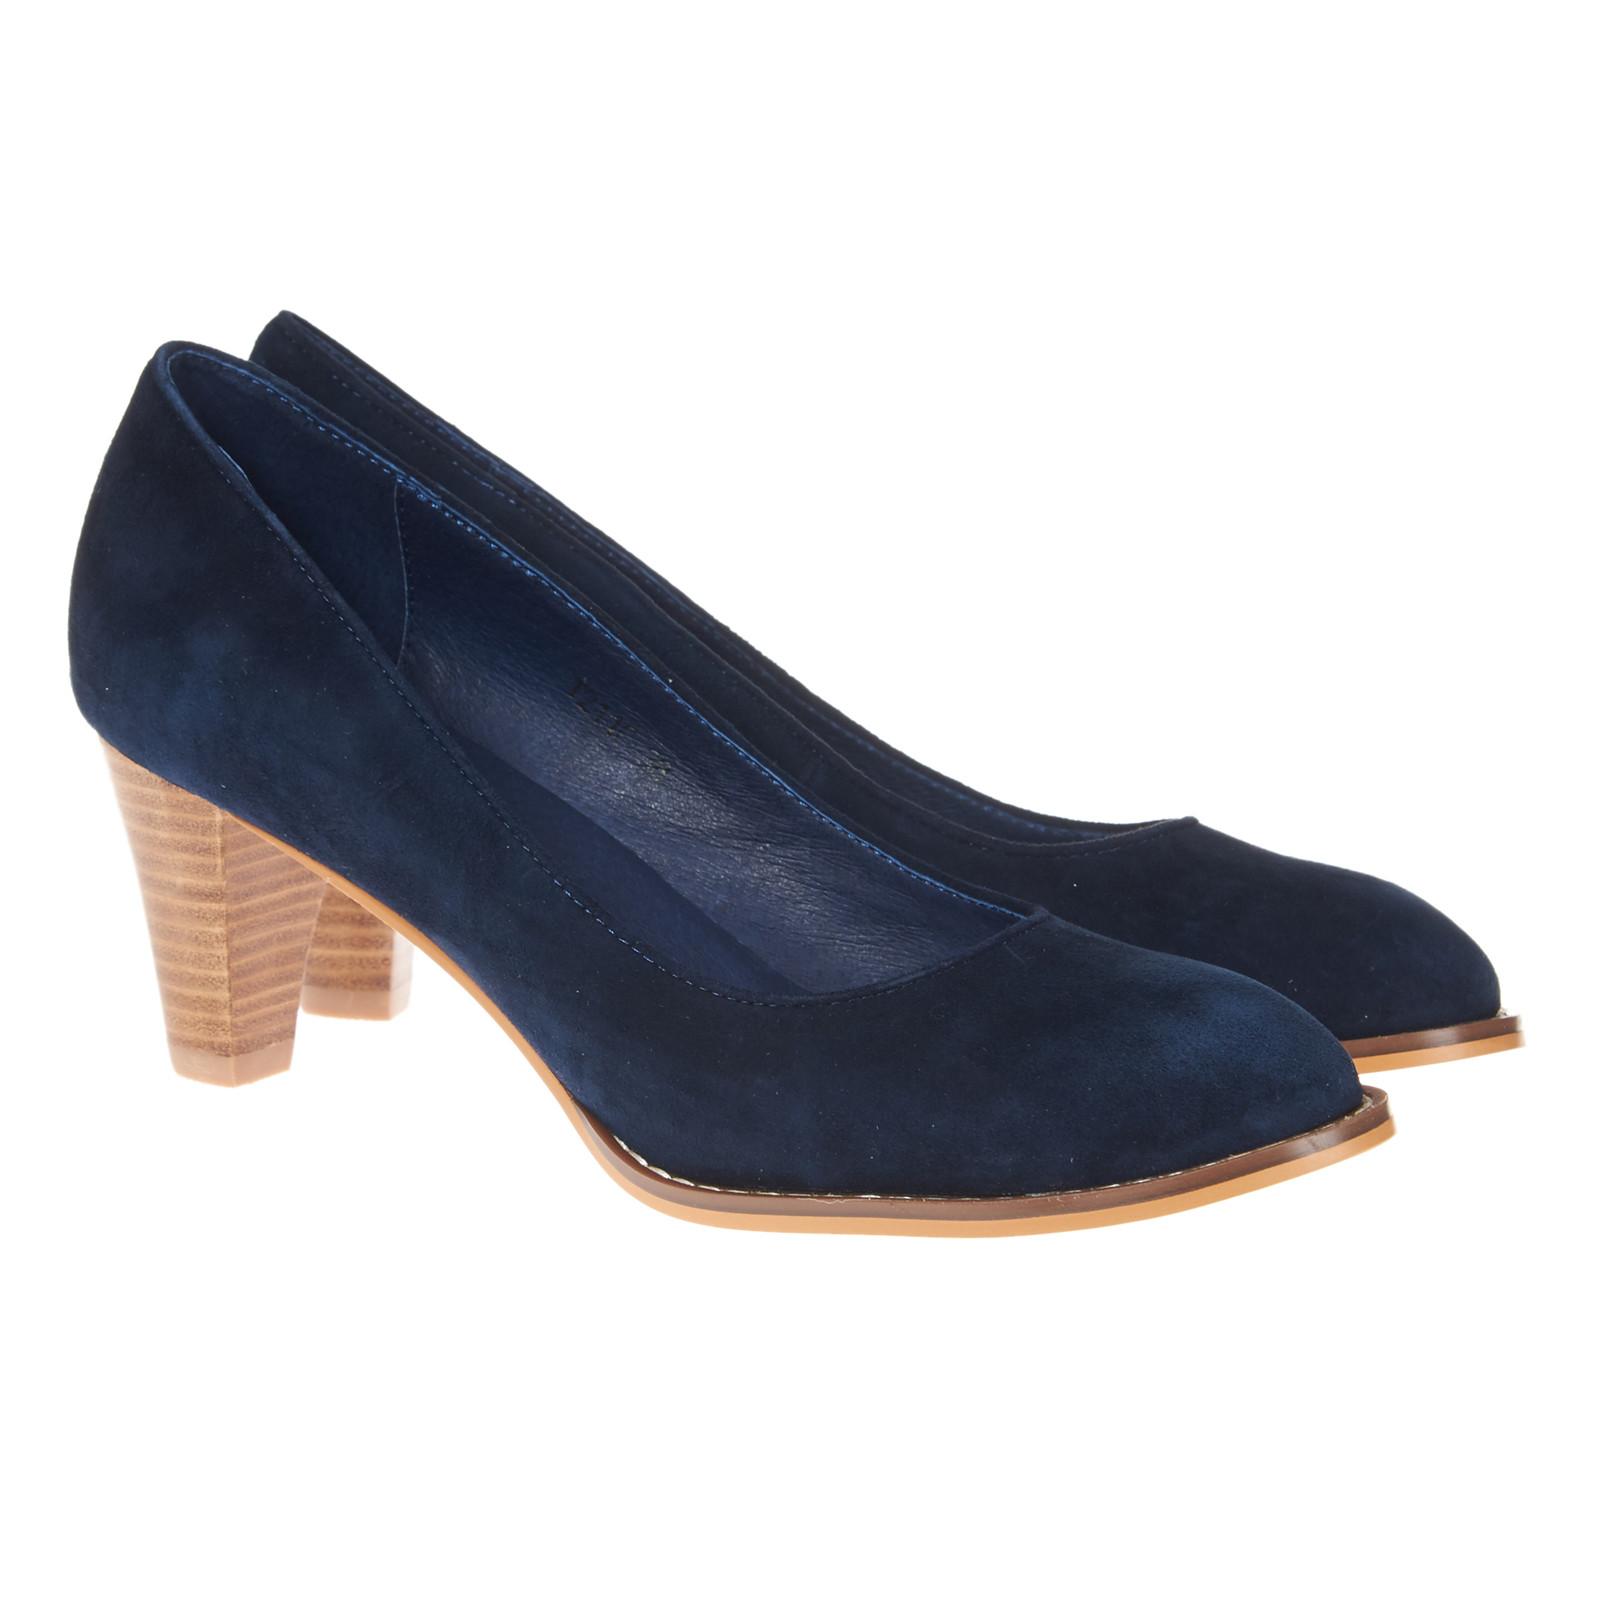 Sofie Schnoor The Shoe pump i ruskind